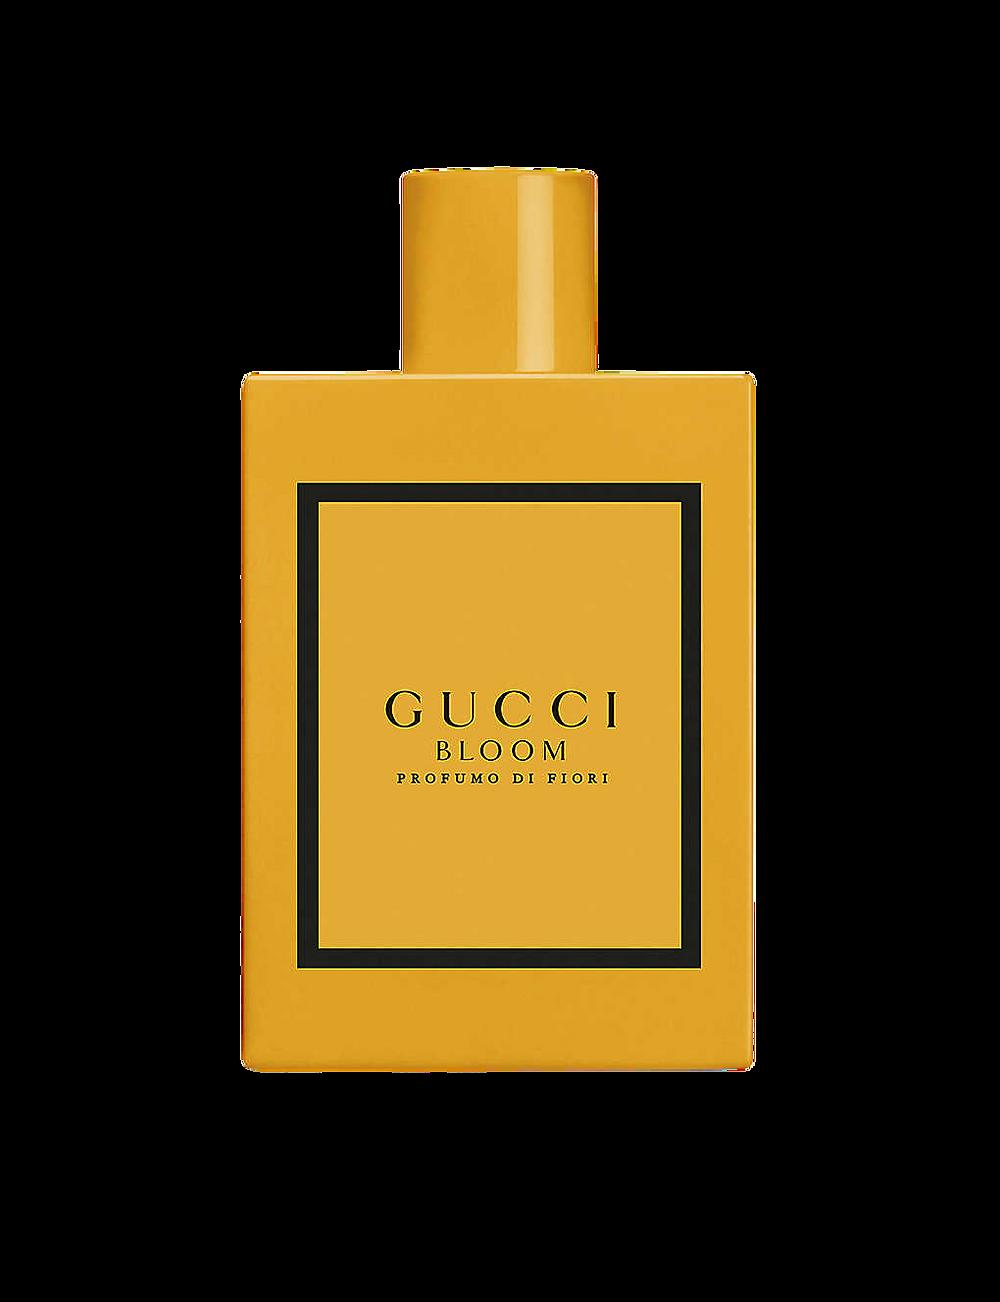 Image of Gucci Bloom Profumo Di Fiori EDP